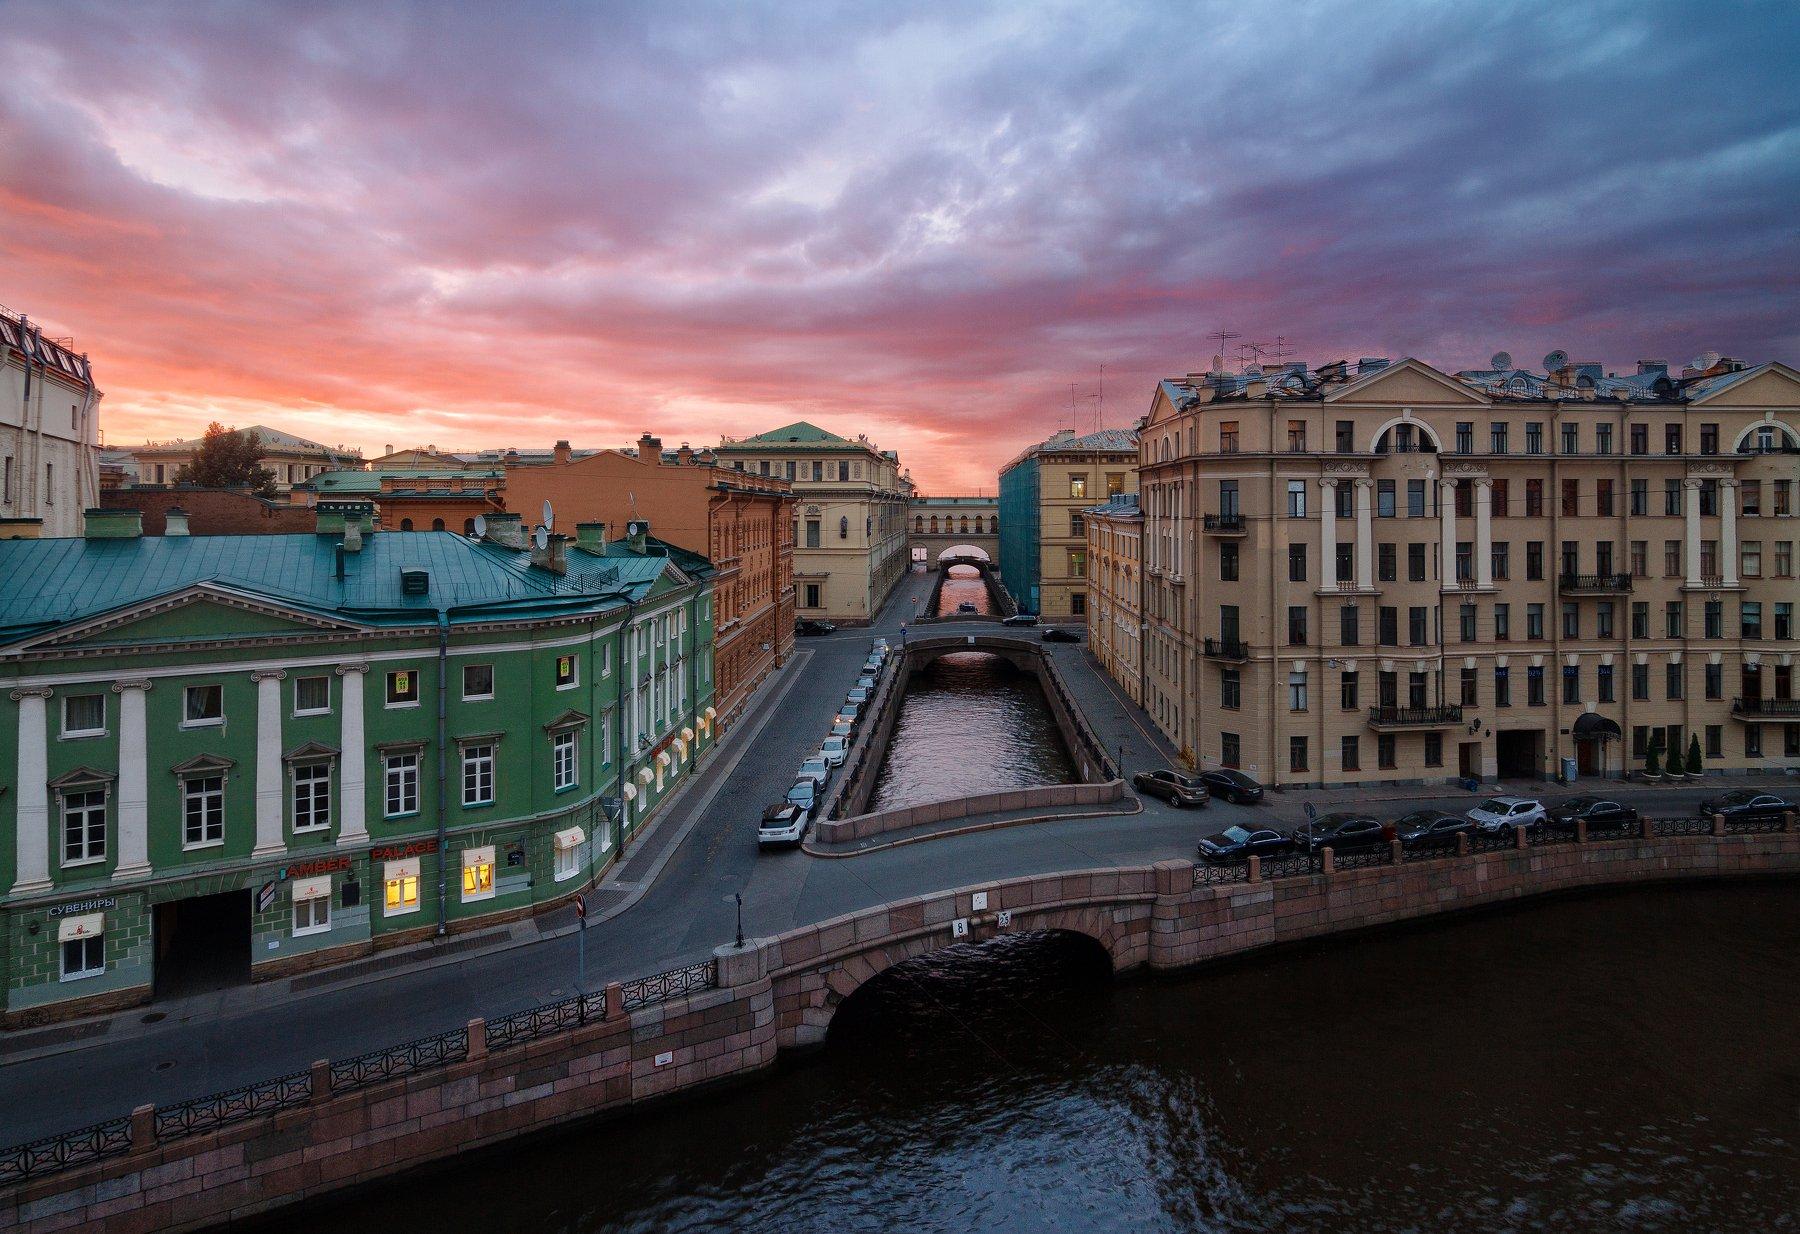 Санкт-Петербург, закат, небо, мост, город, пейзаж, Urban Exploration, Голубев Алексей